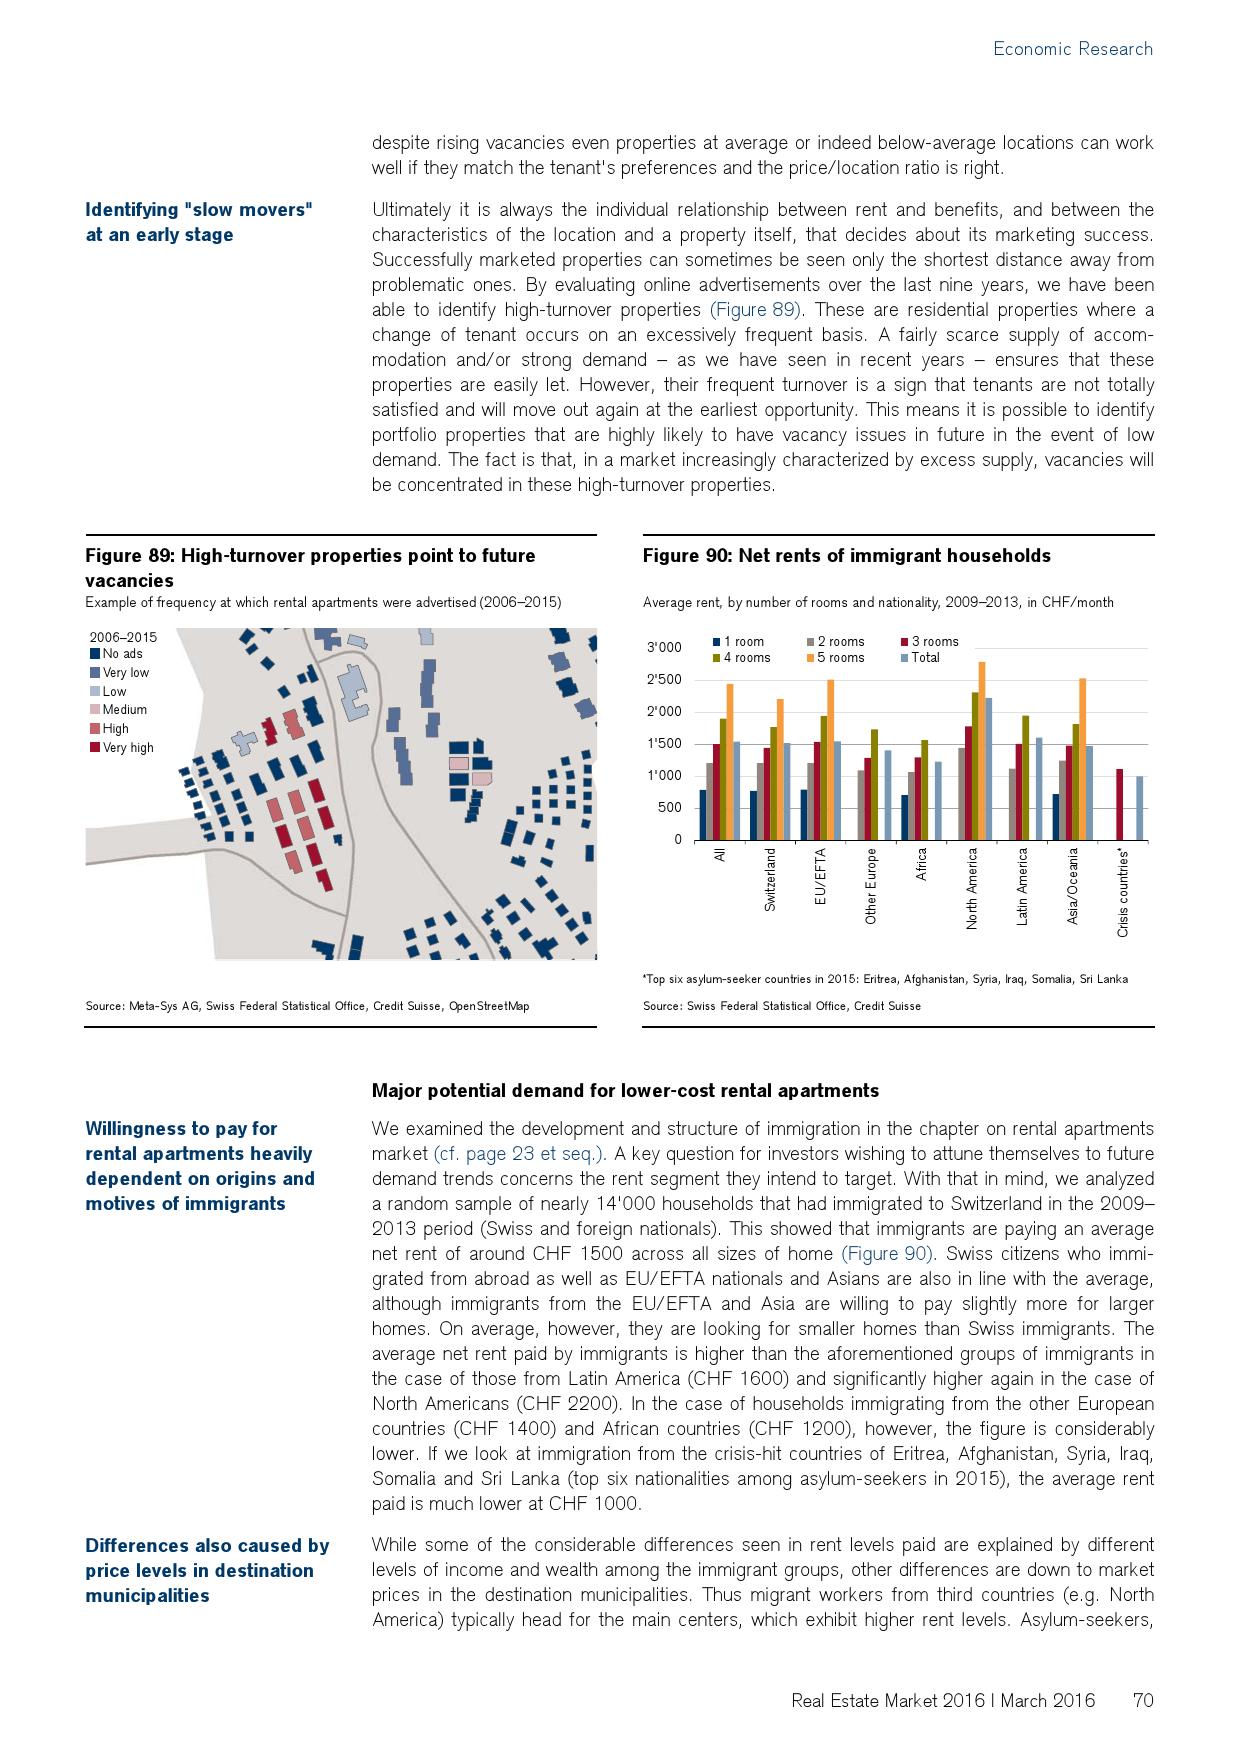 2016年瑞士房地产市场研究报告_000070